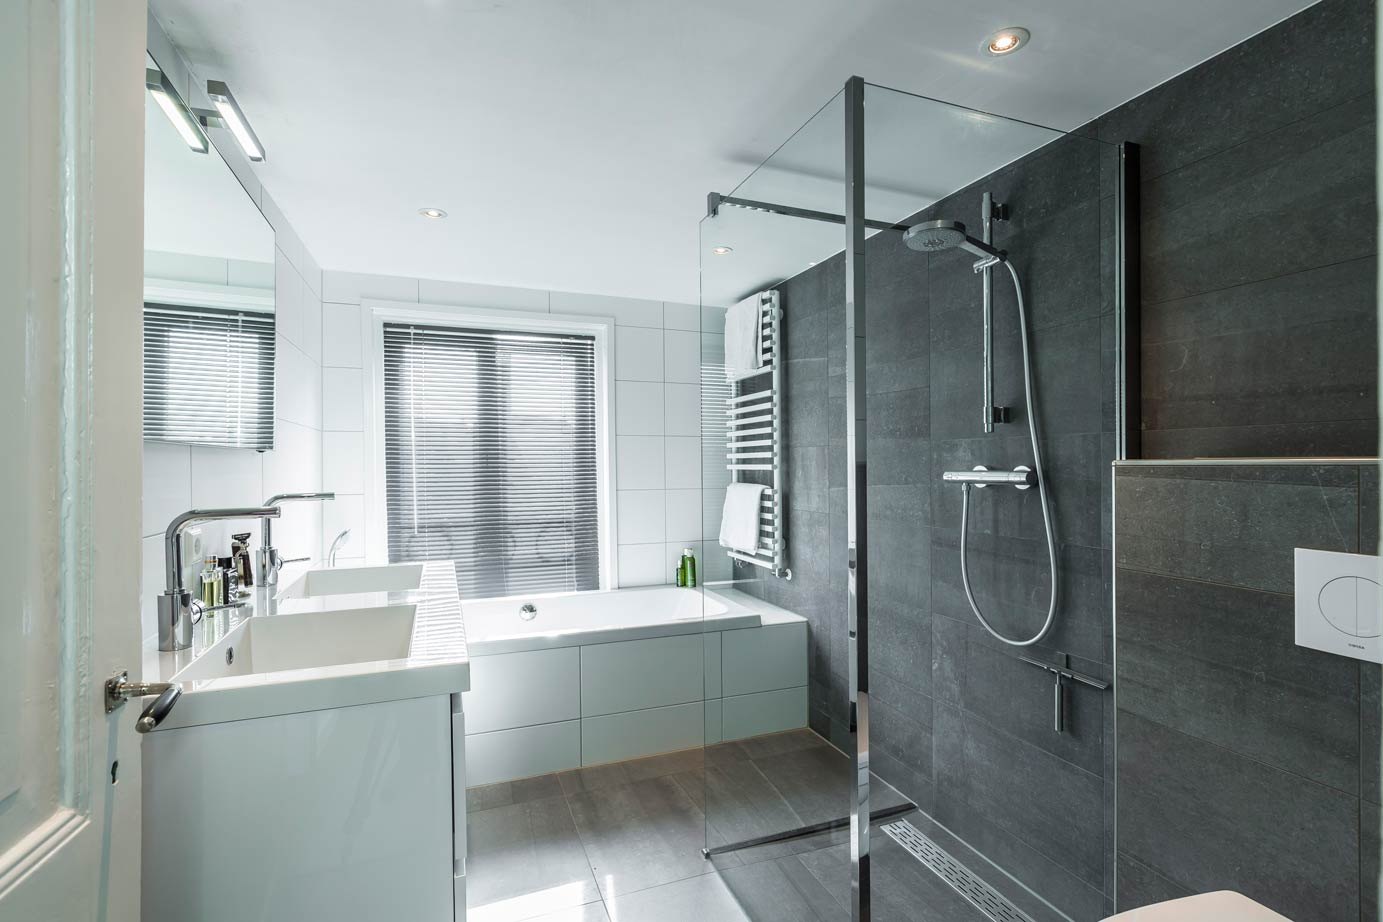 Keuken Badkamer Rijssen : Keuken en badkamer kopen utrecht lees klantervaring db